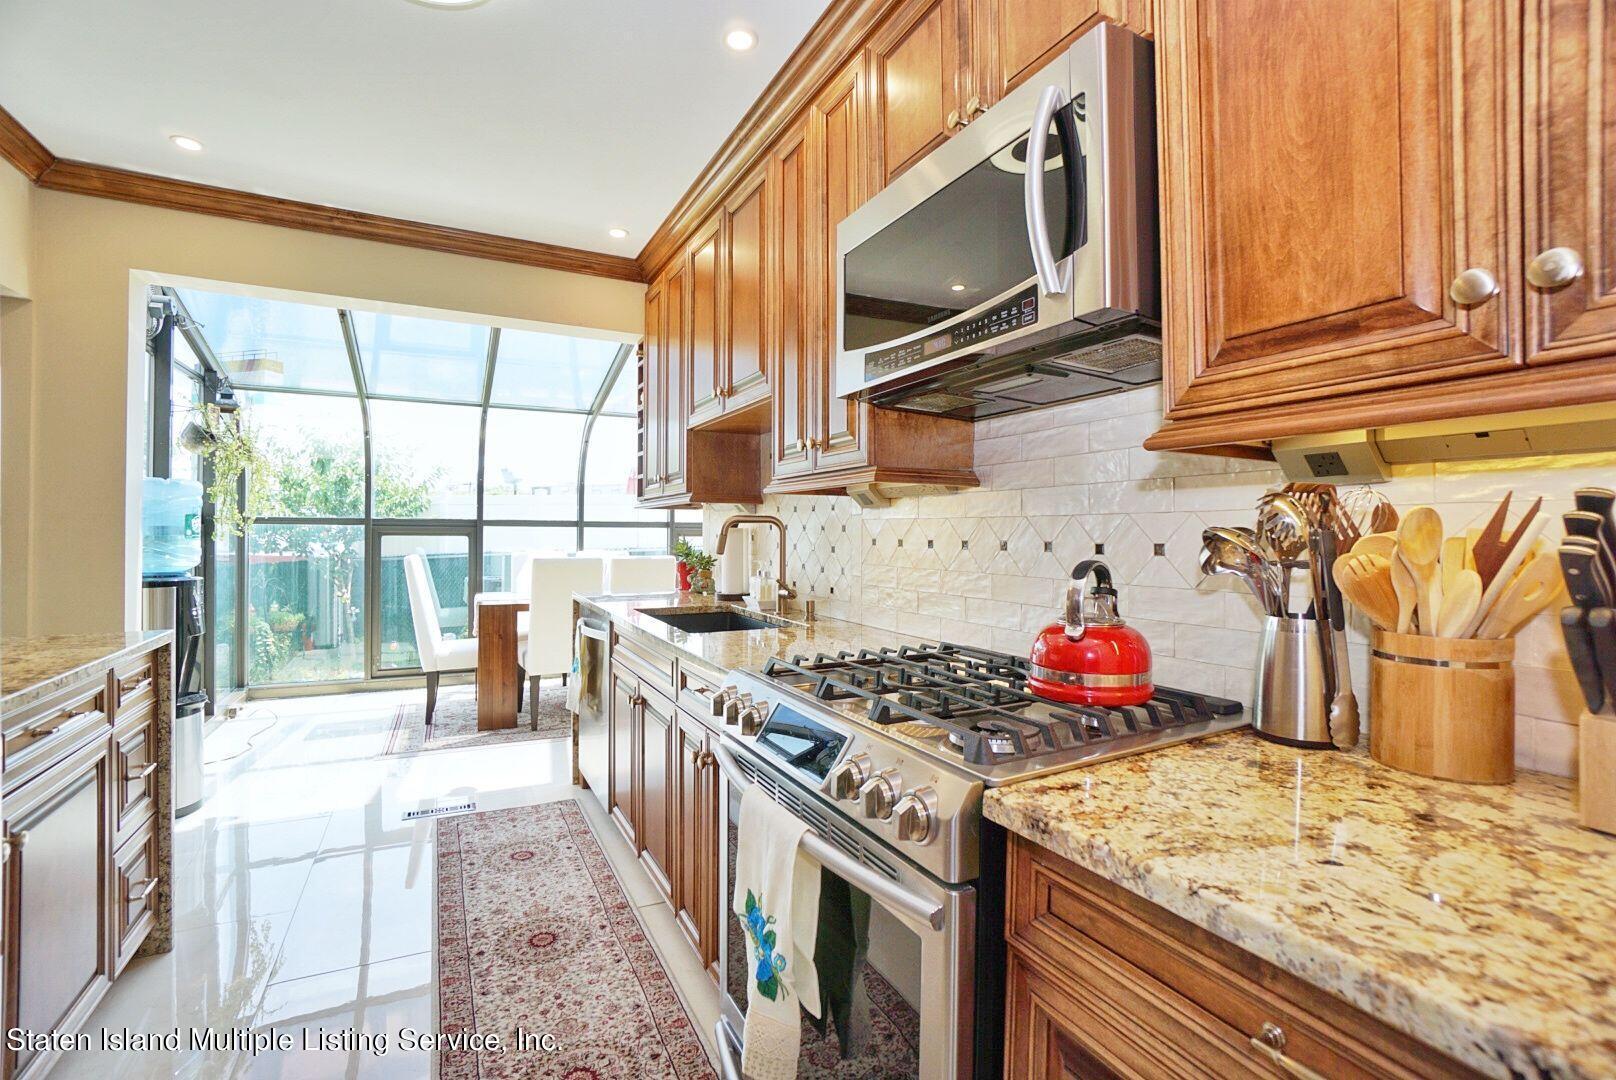 Single Family - Detached 29 City Boulevard  Staten Island, NY 10301, MLS-1147694-17